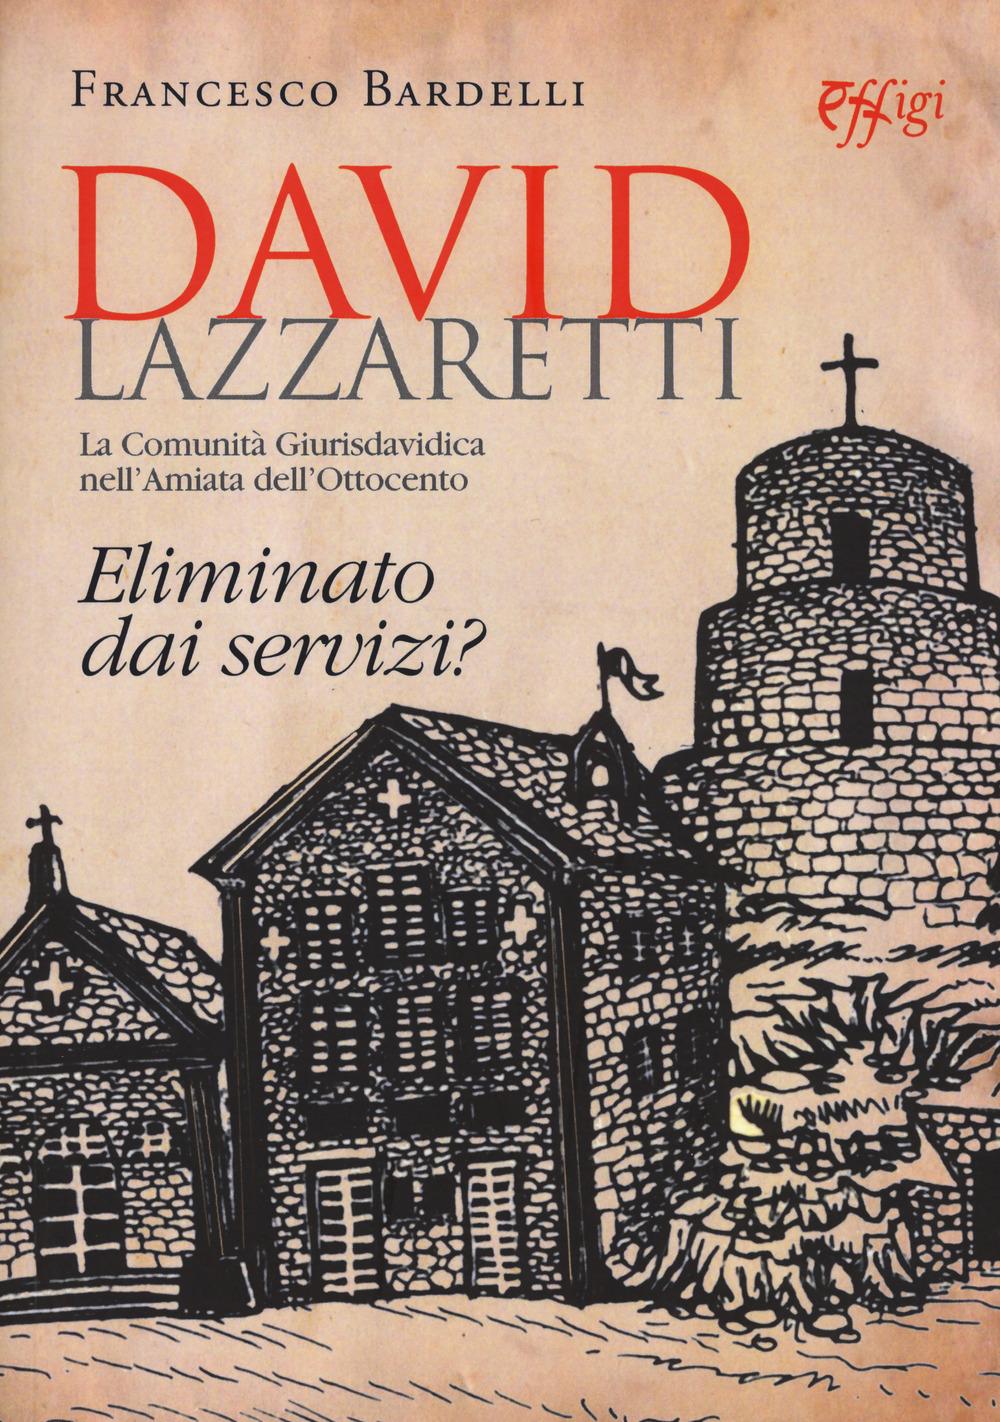 DAVID LAZZARETTI. ELIMINATO DAI SERVIZI? LA COMUNITÀ GIURISDAVIDICA NELL'AMIATA DELL'OTTOCENTO - 9788864337586